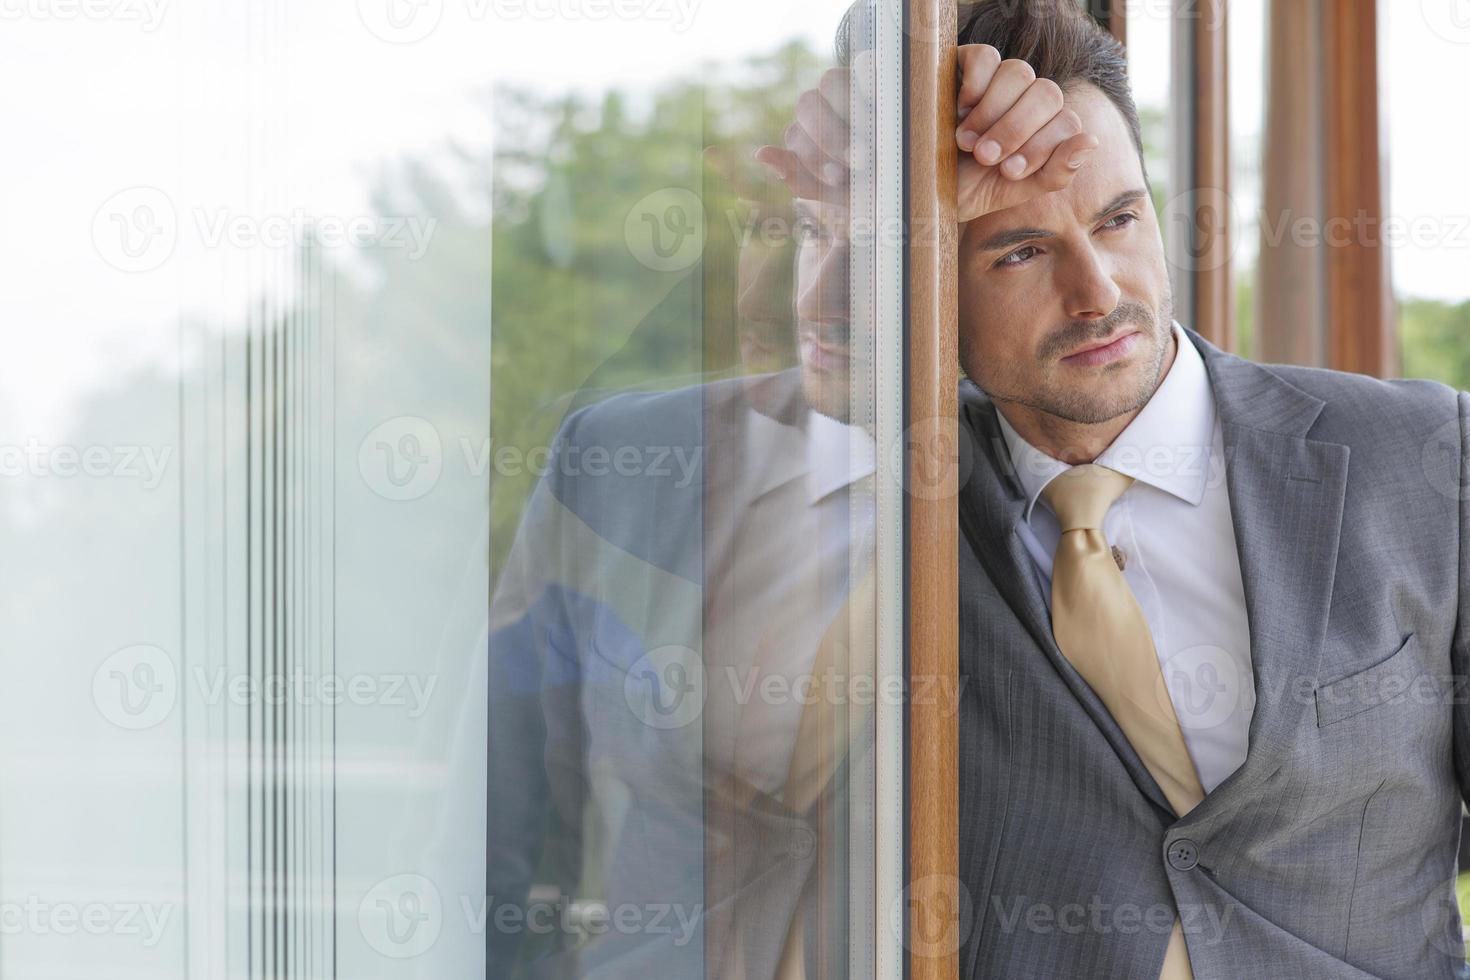 empresário pensativo olhando para longe enquanto encostado na porta de vidro foto